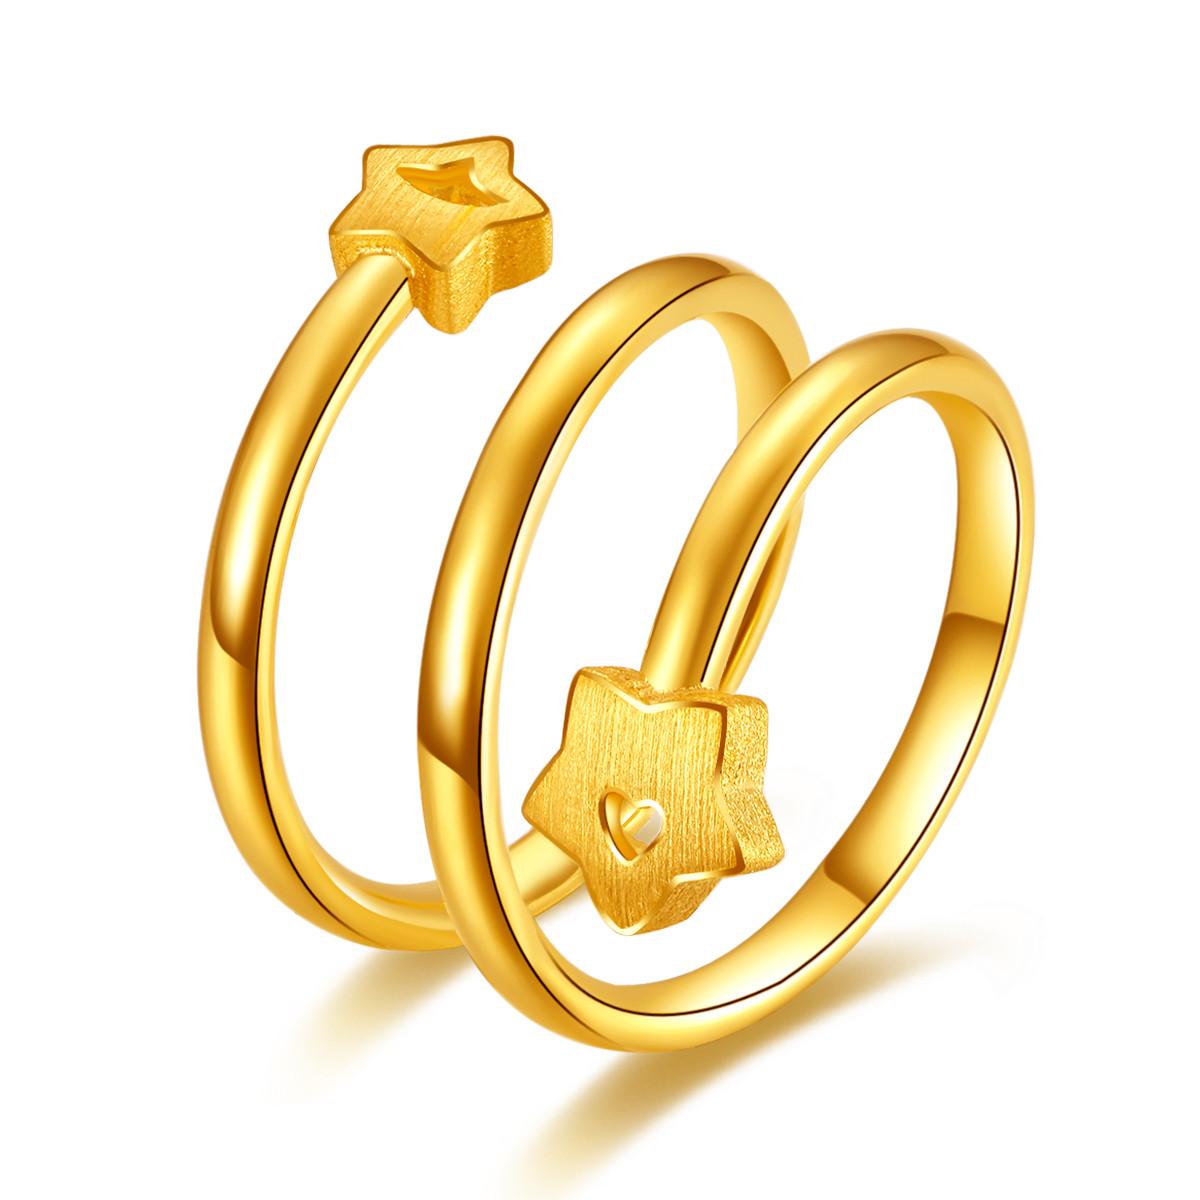 金至尊金至尊 足金弹力星星黄金戒指 计价DFJZ0103QJ